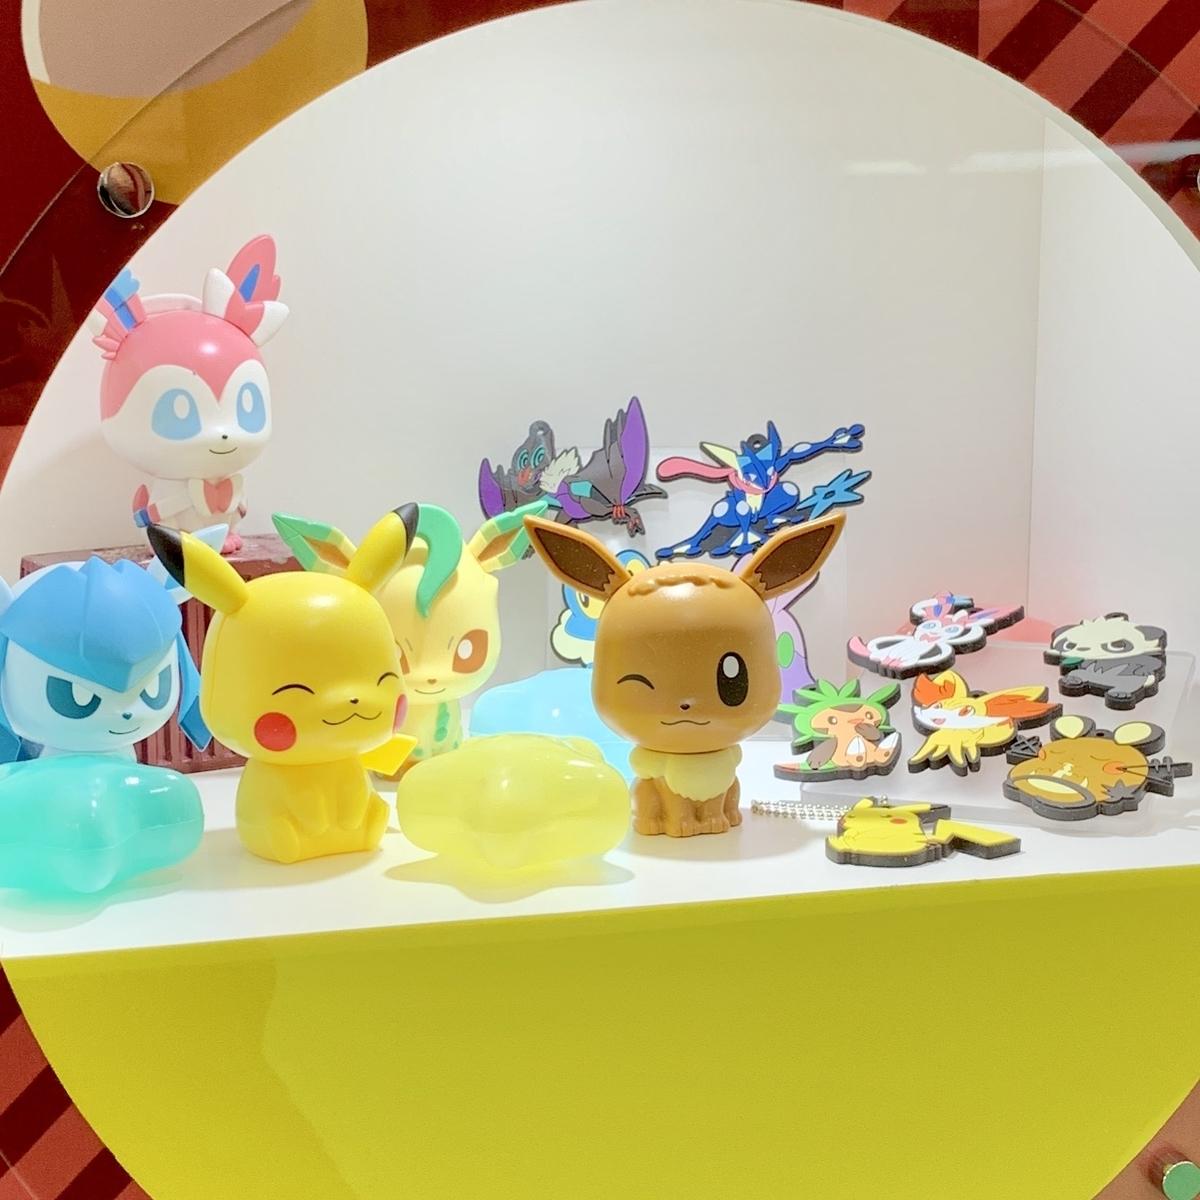 f:id:pikachu_pcn:20200801193149j:plain